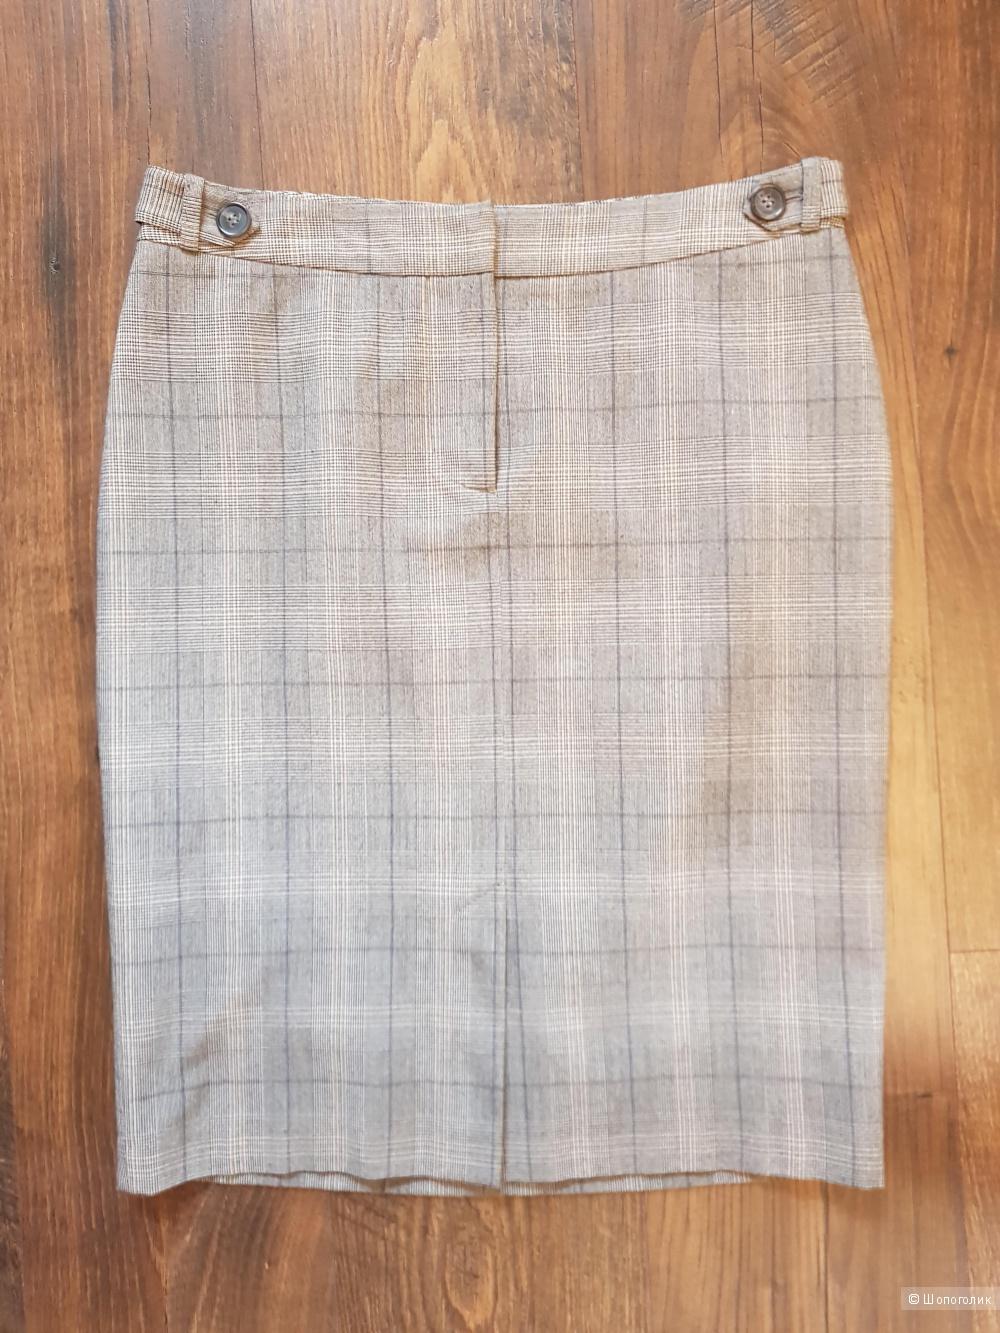 Юбка H&M, 44-46 размер